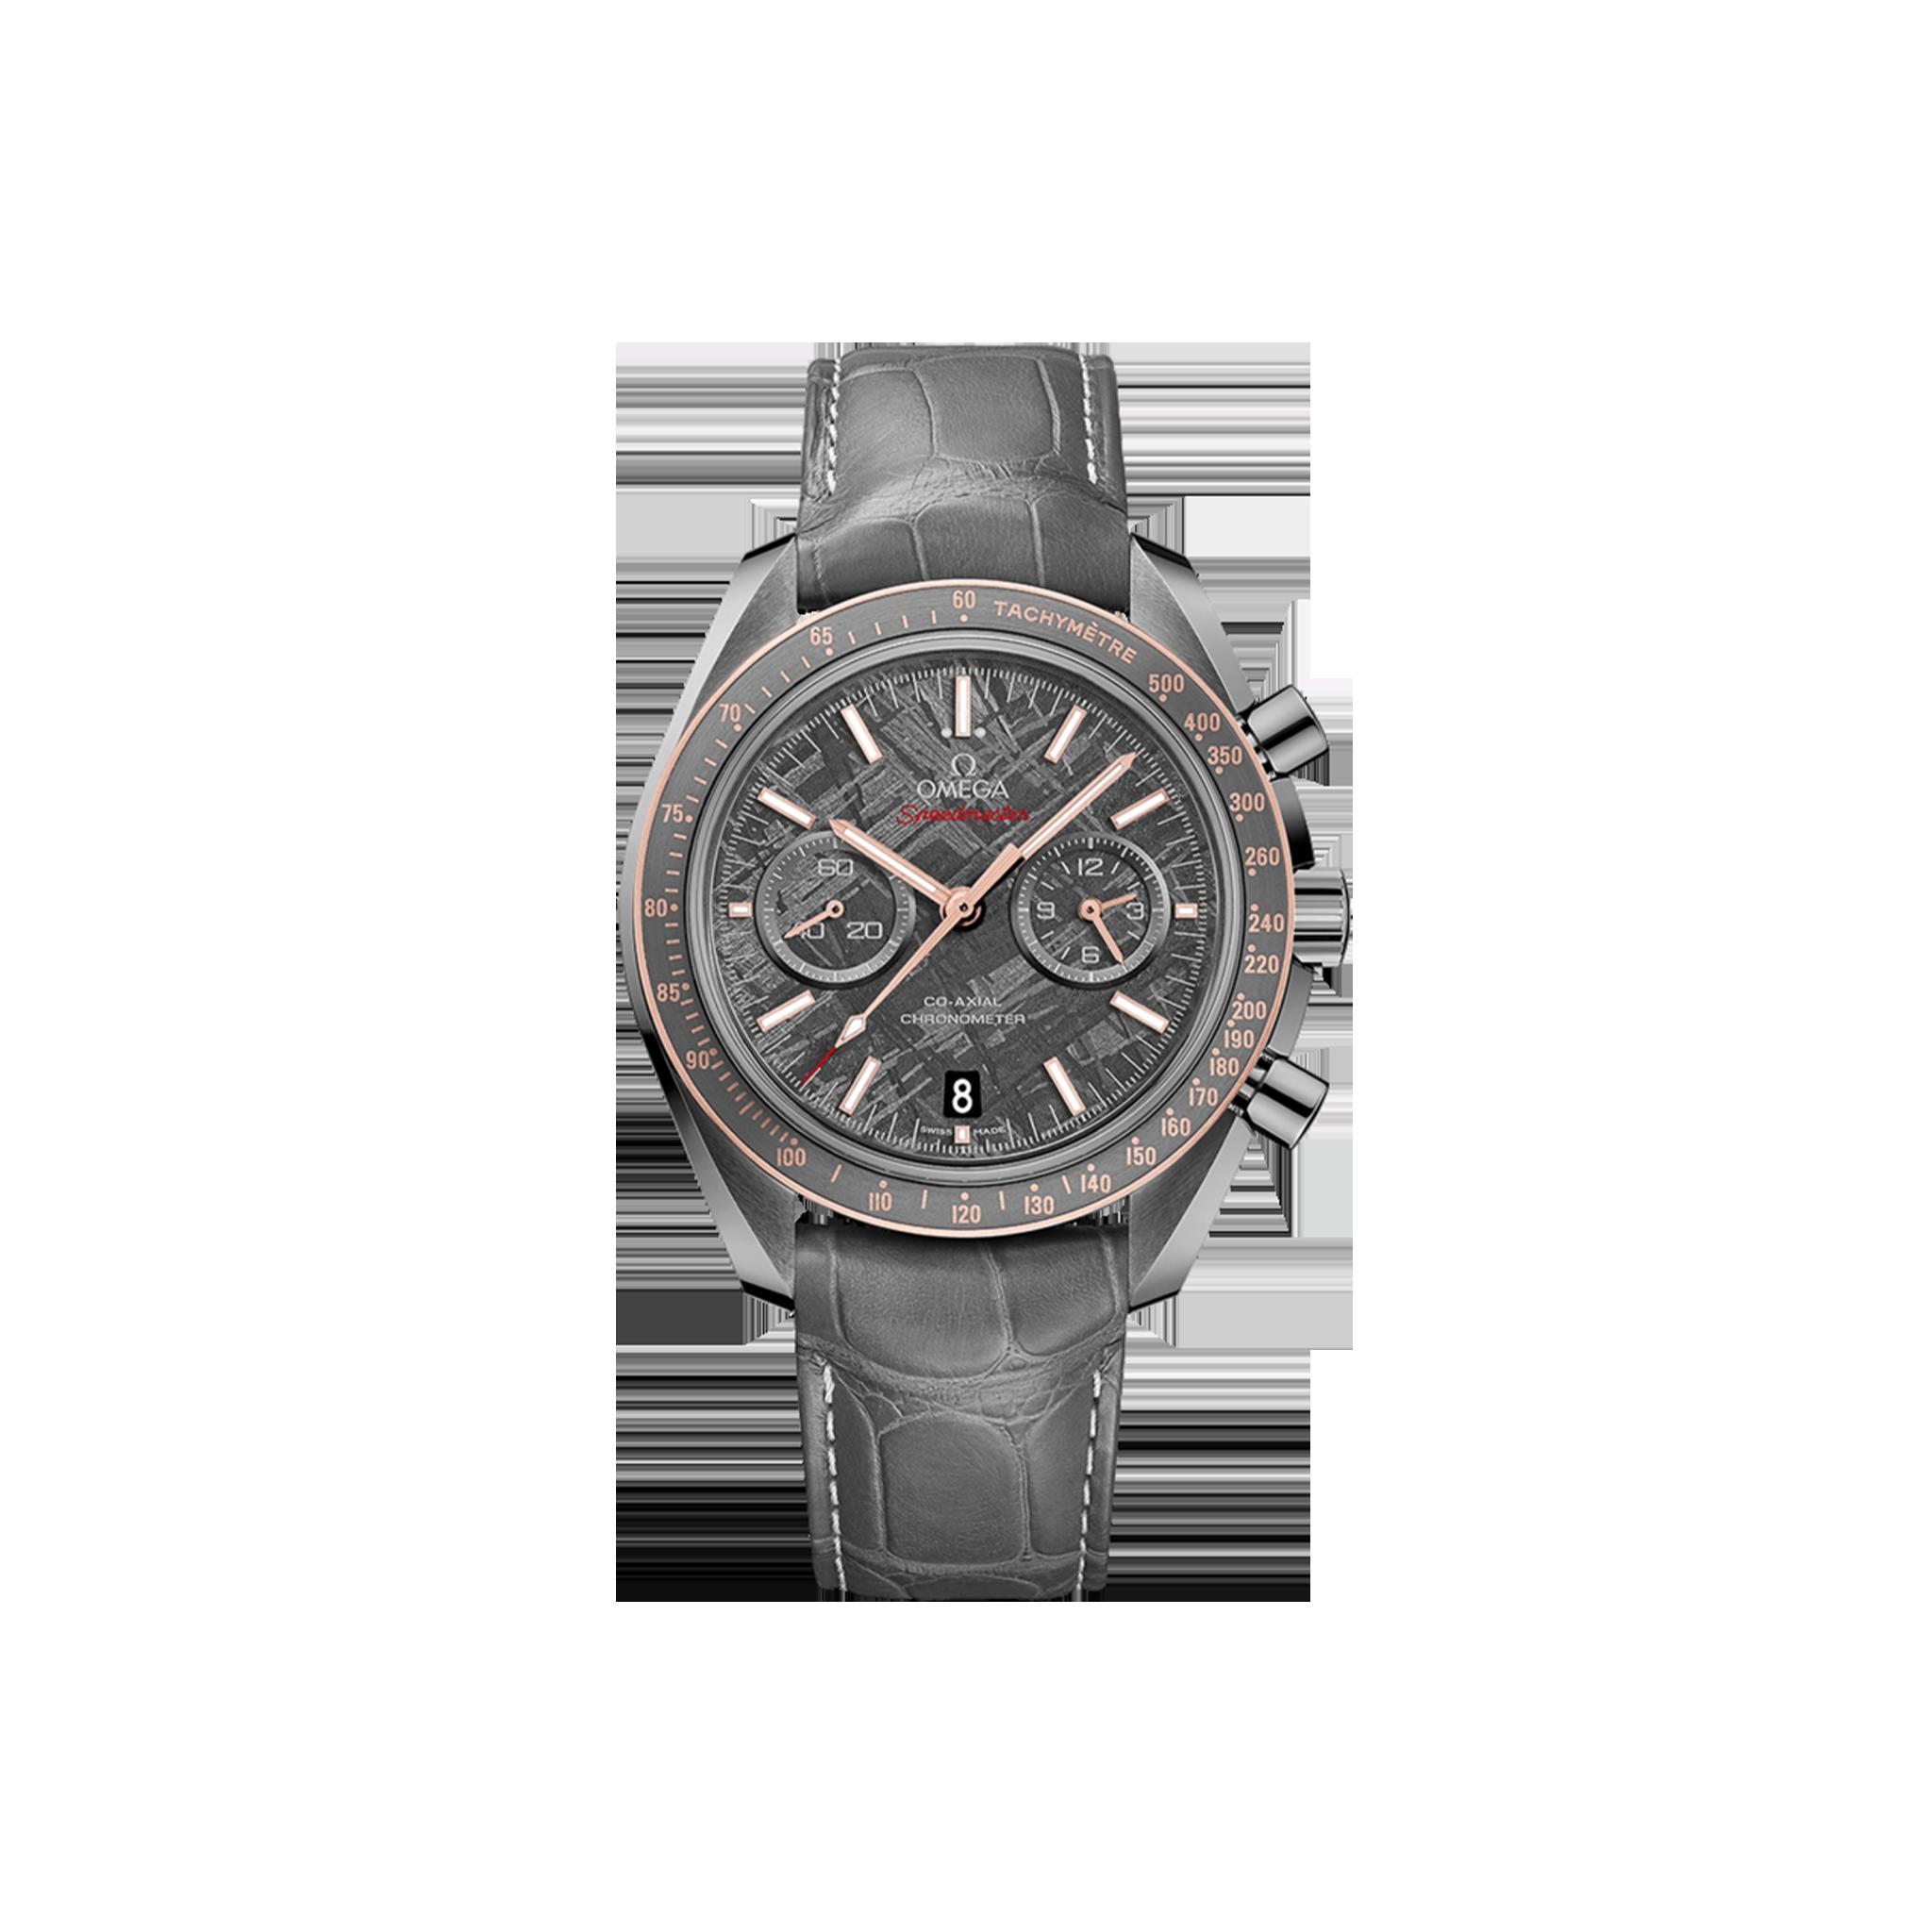 Omega Speedmaster Moonwatch Meteorite 31163445199001